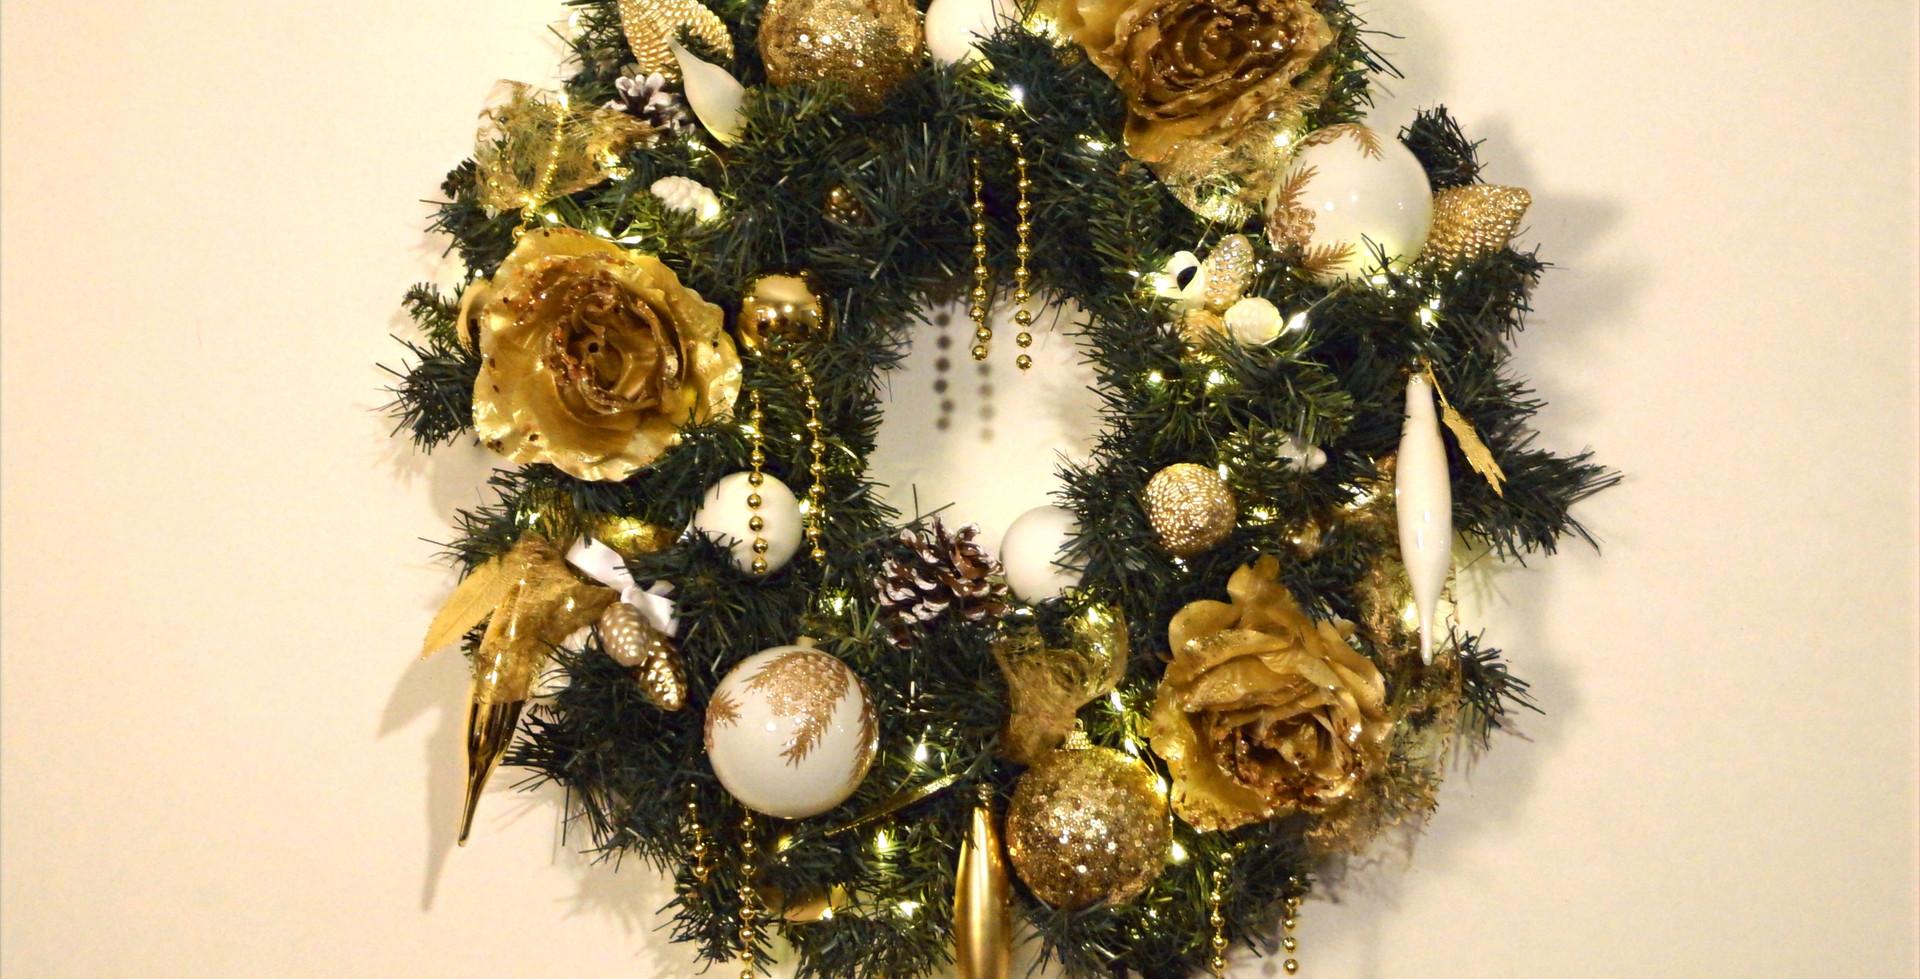 Kerstkrans golden glow